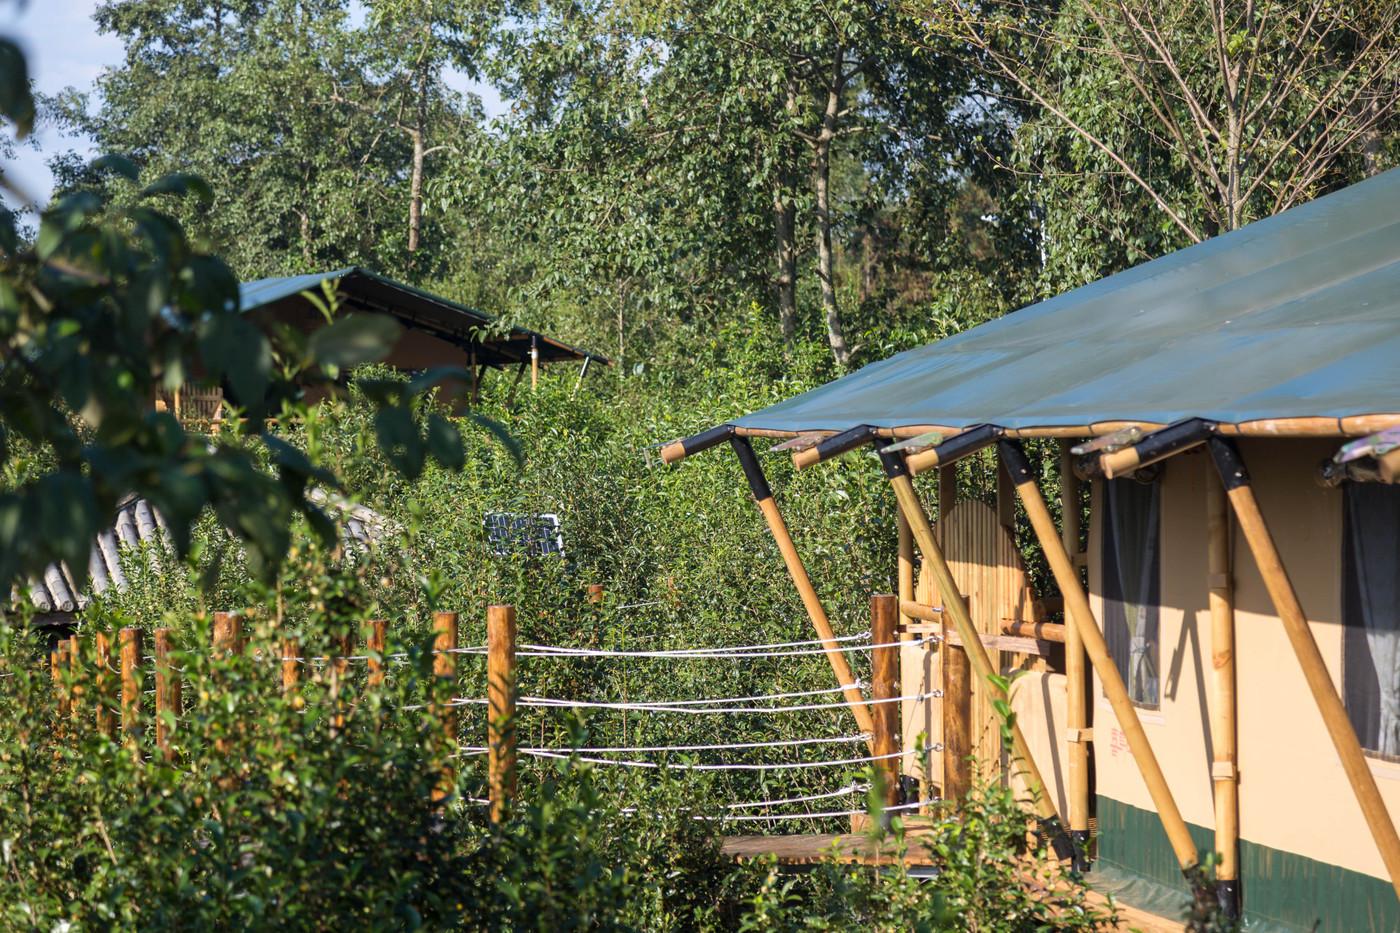 喜马拉雅野奢帐篷酒店—云南腾冲高黎贡山茶博园11